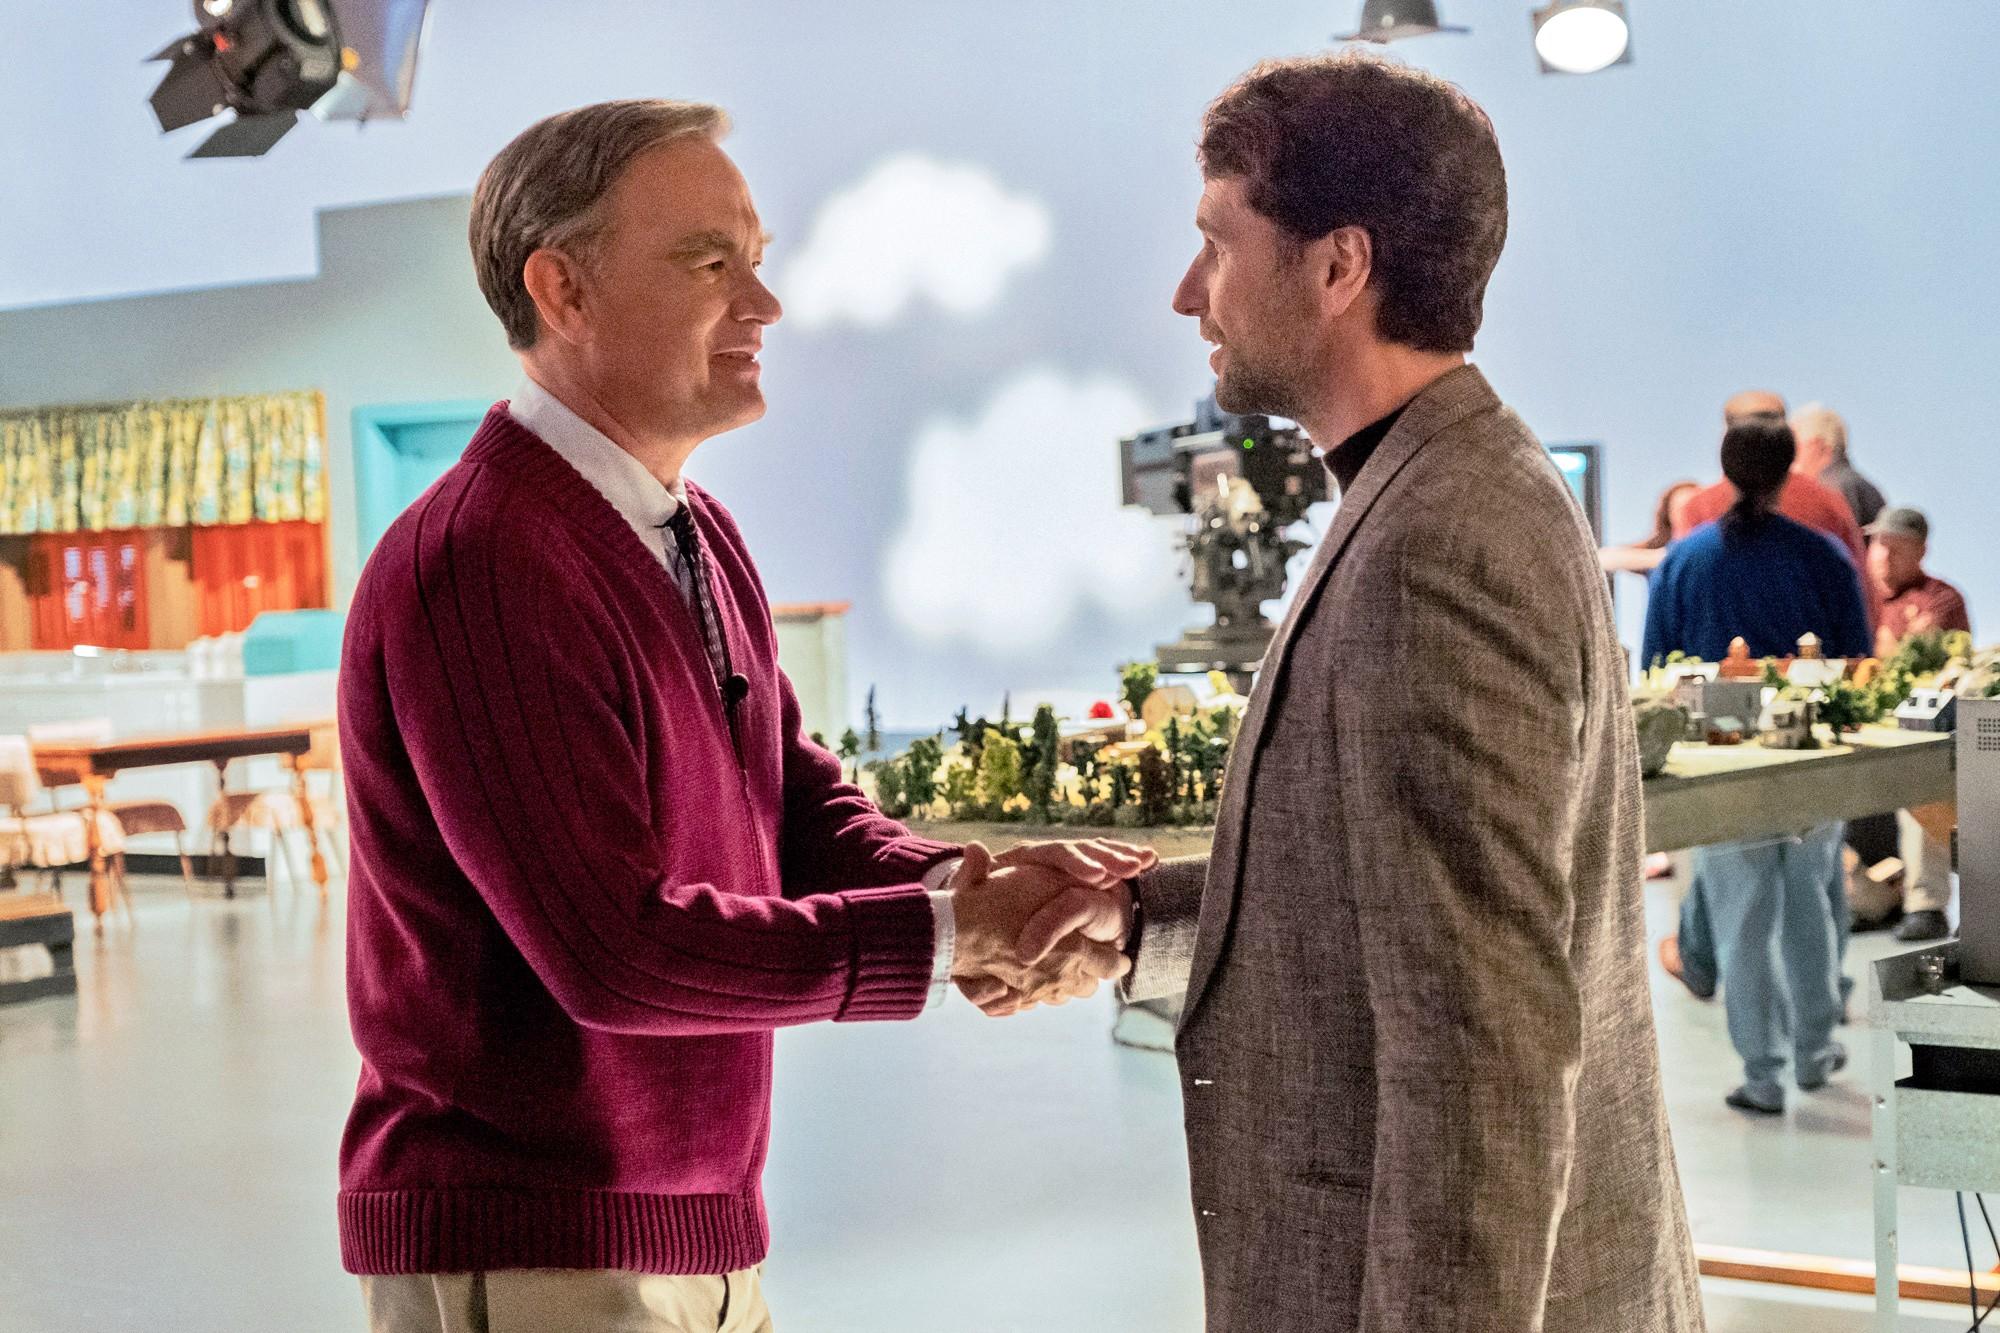 Film Listings 11 28 19 12 5 19 Movies San Luis Obispo New Times San Luis Obispo